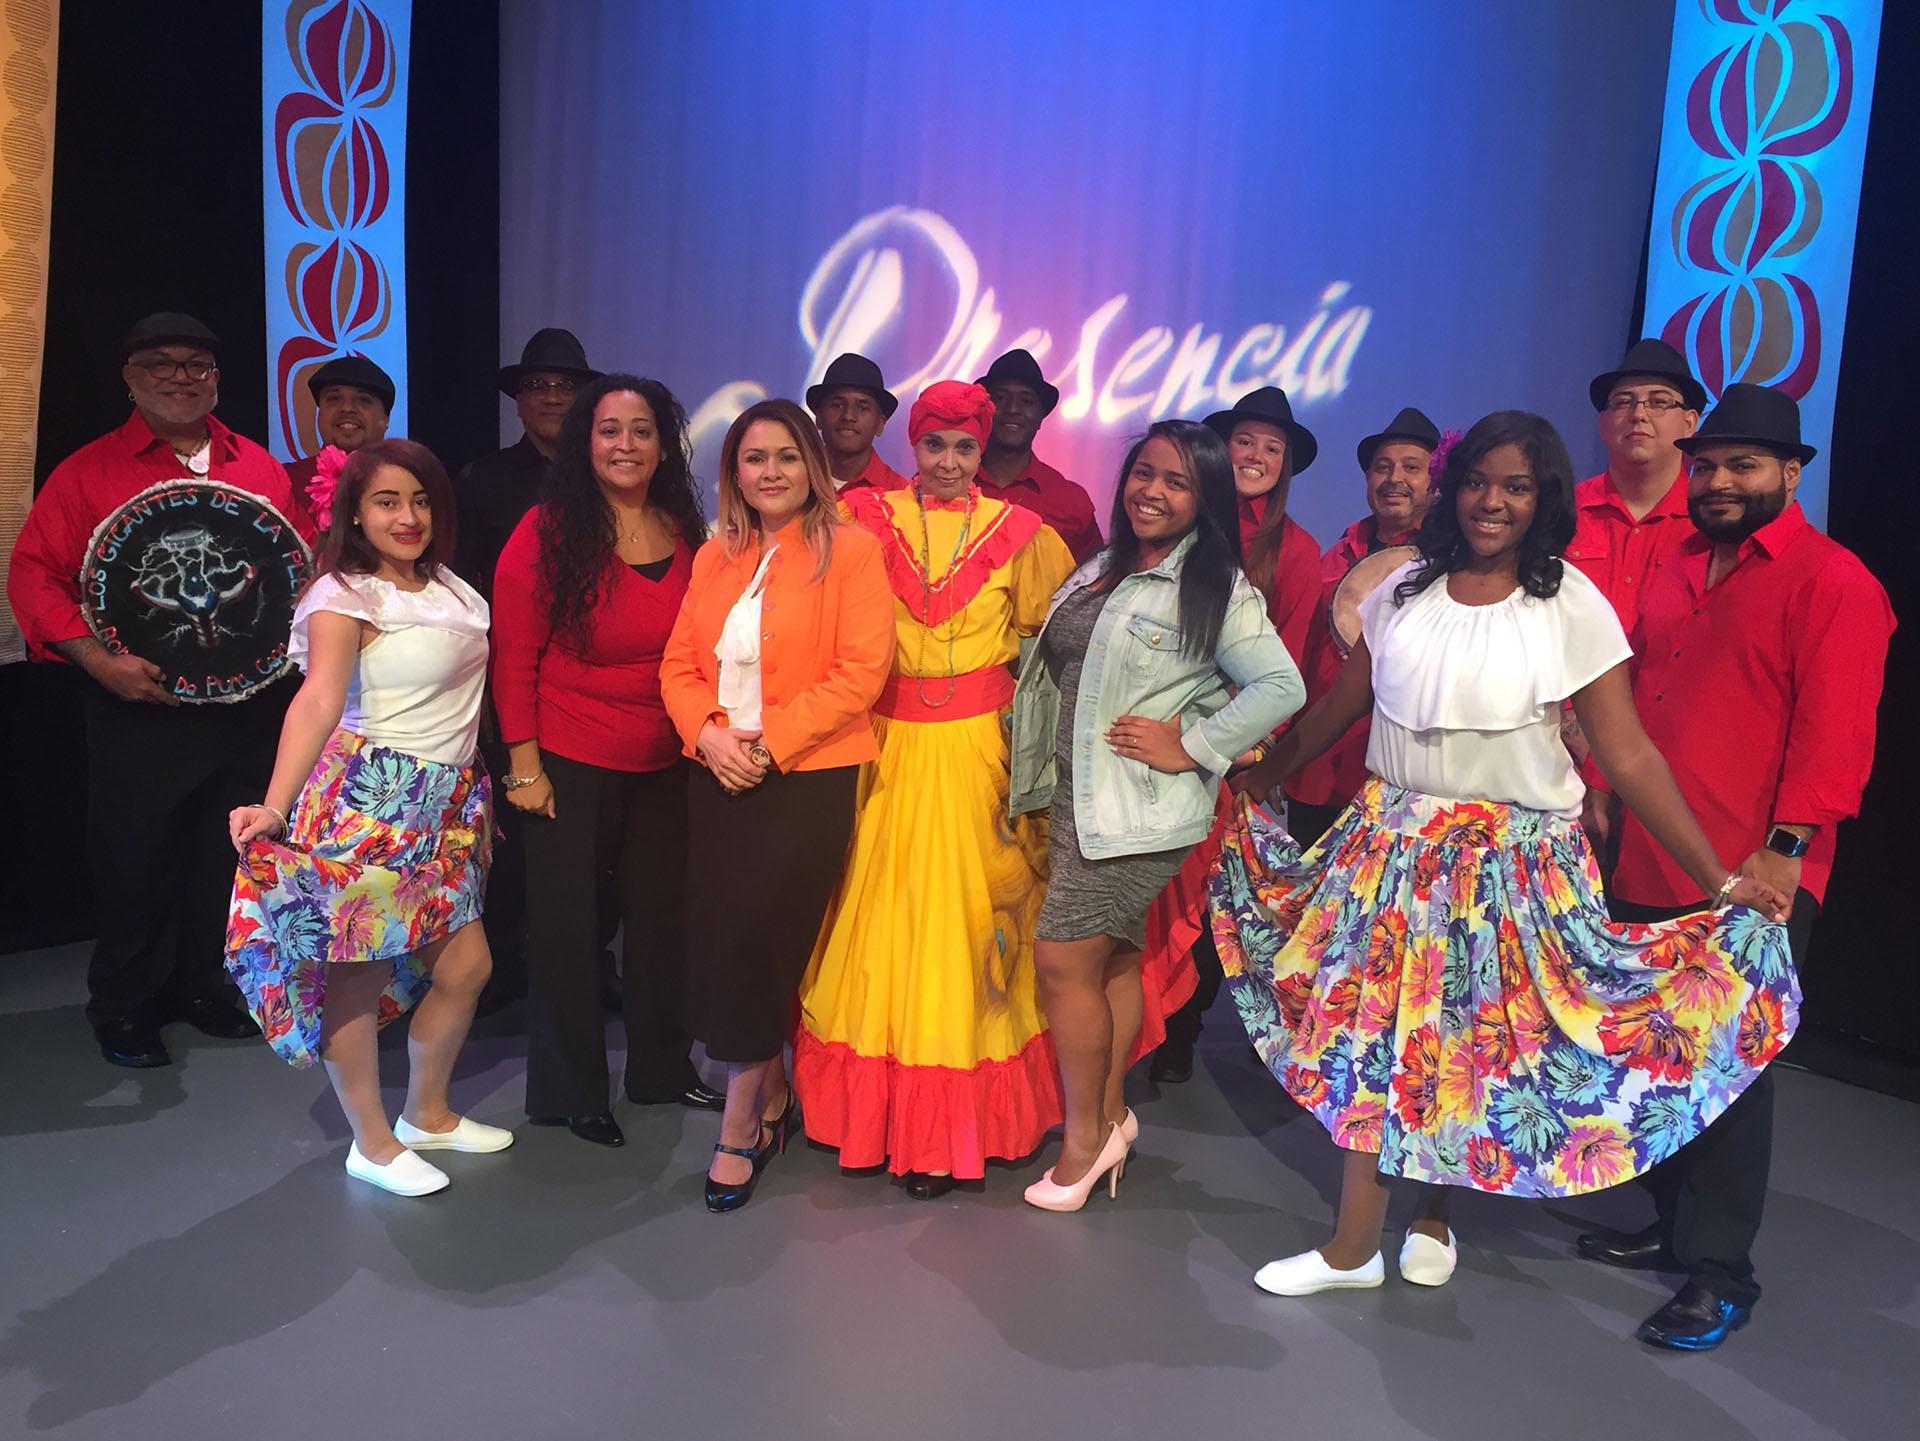 Los Gigantes de la plena es una agrupación puertorriqueña que llevan en alto su cultura, Folclor y su música típica